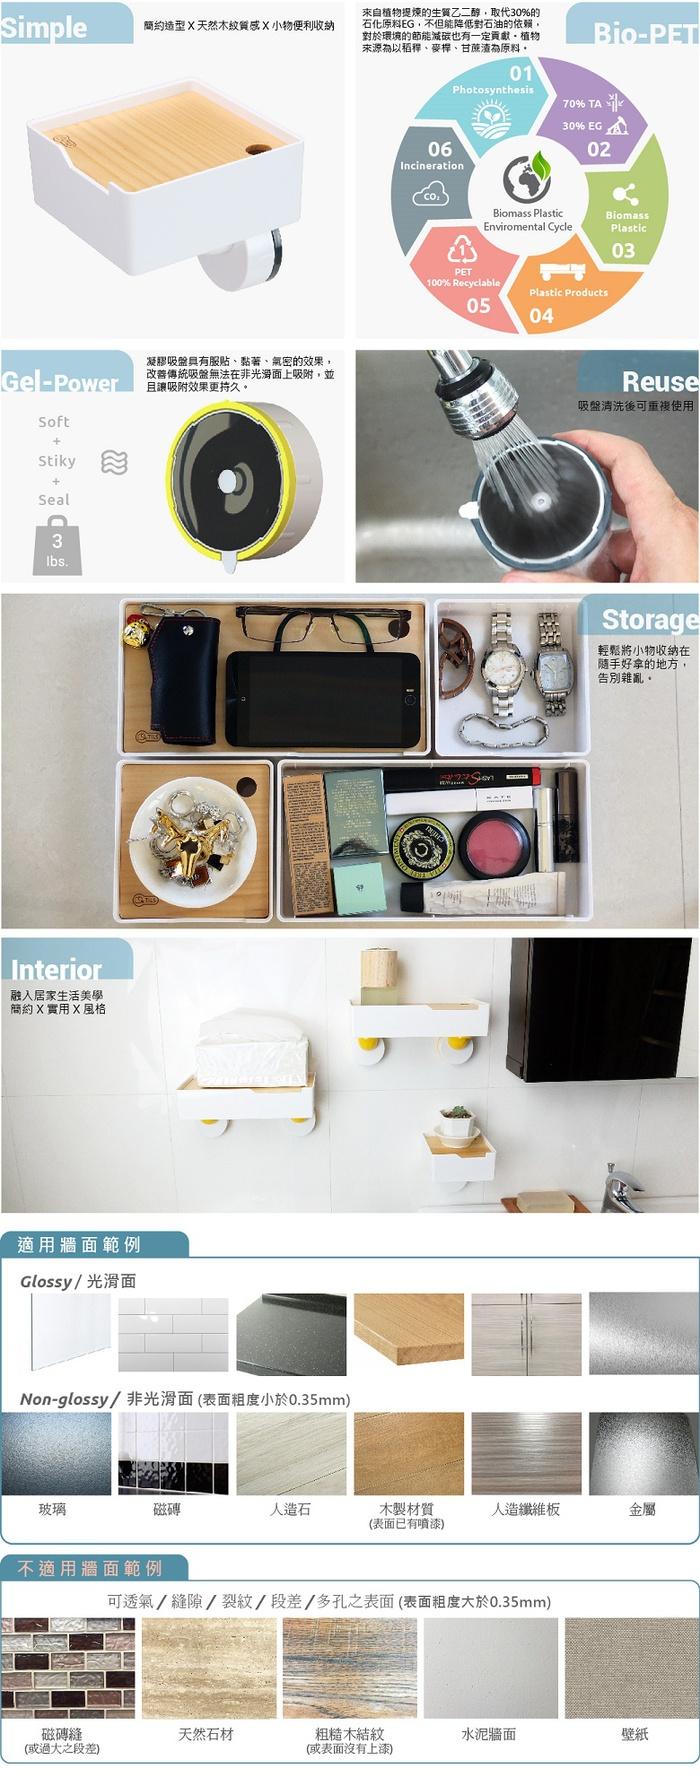 TiLS Homeware KISS LOCK 快鎖吸盤-木蓋收納盒(小) 2入